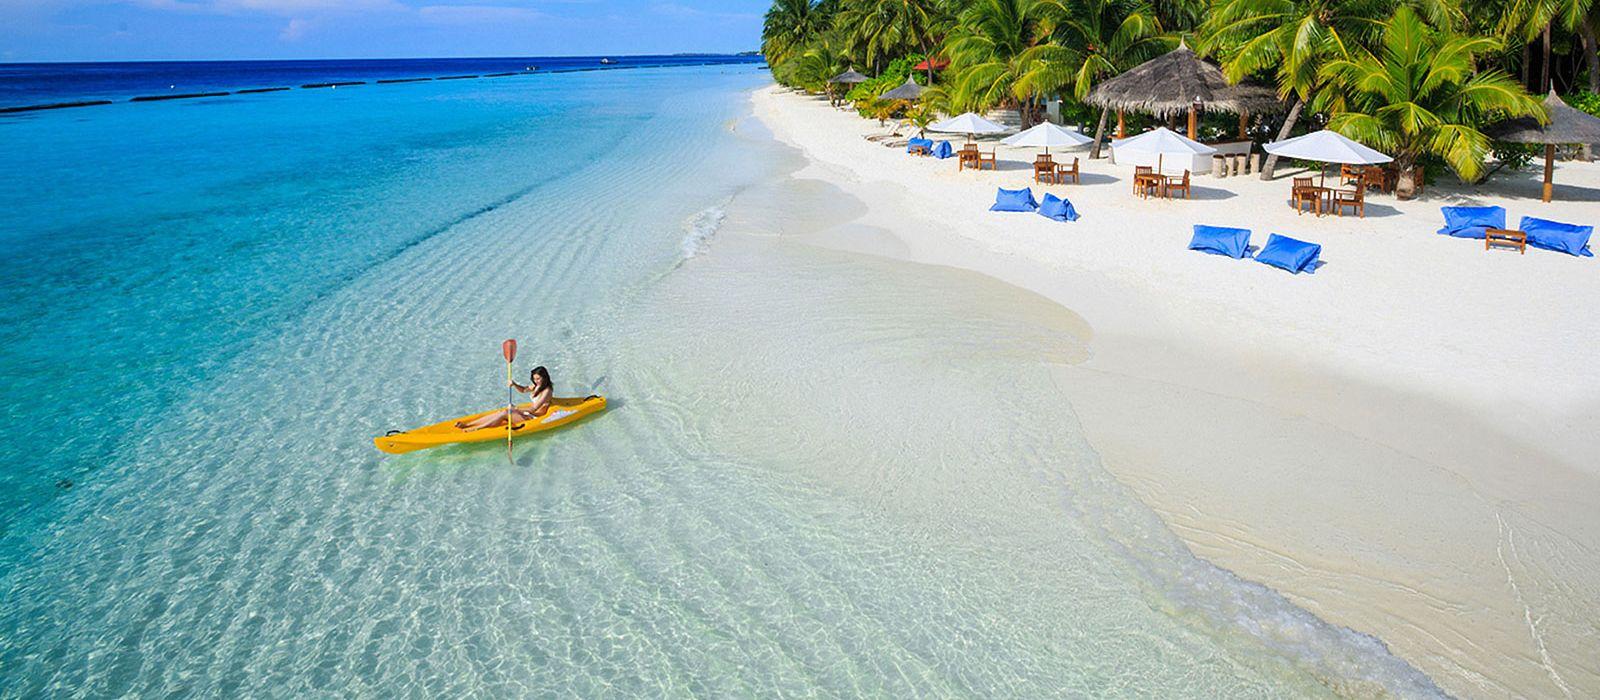 Hotel Kurumba Maldives Maldives